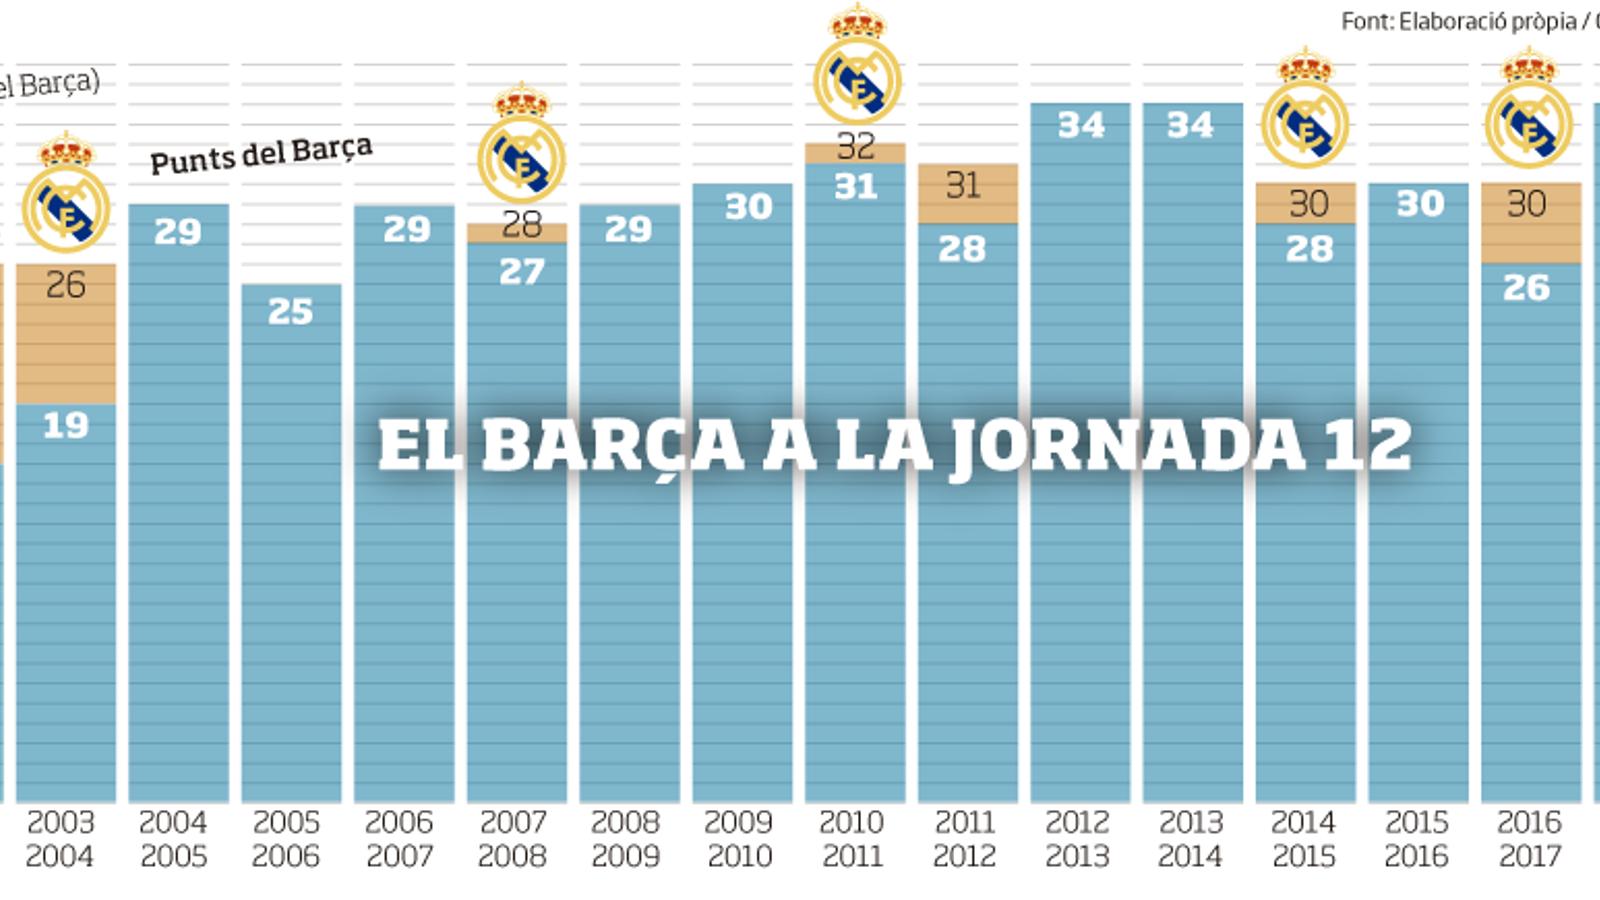 L'evolució de punts del Barça a la jornada 12 de Lliga